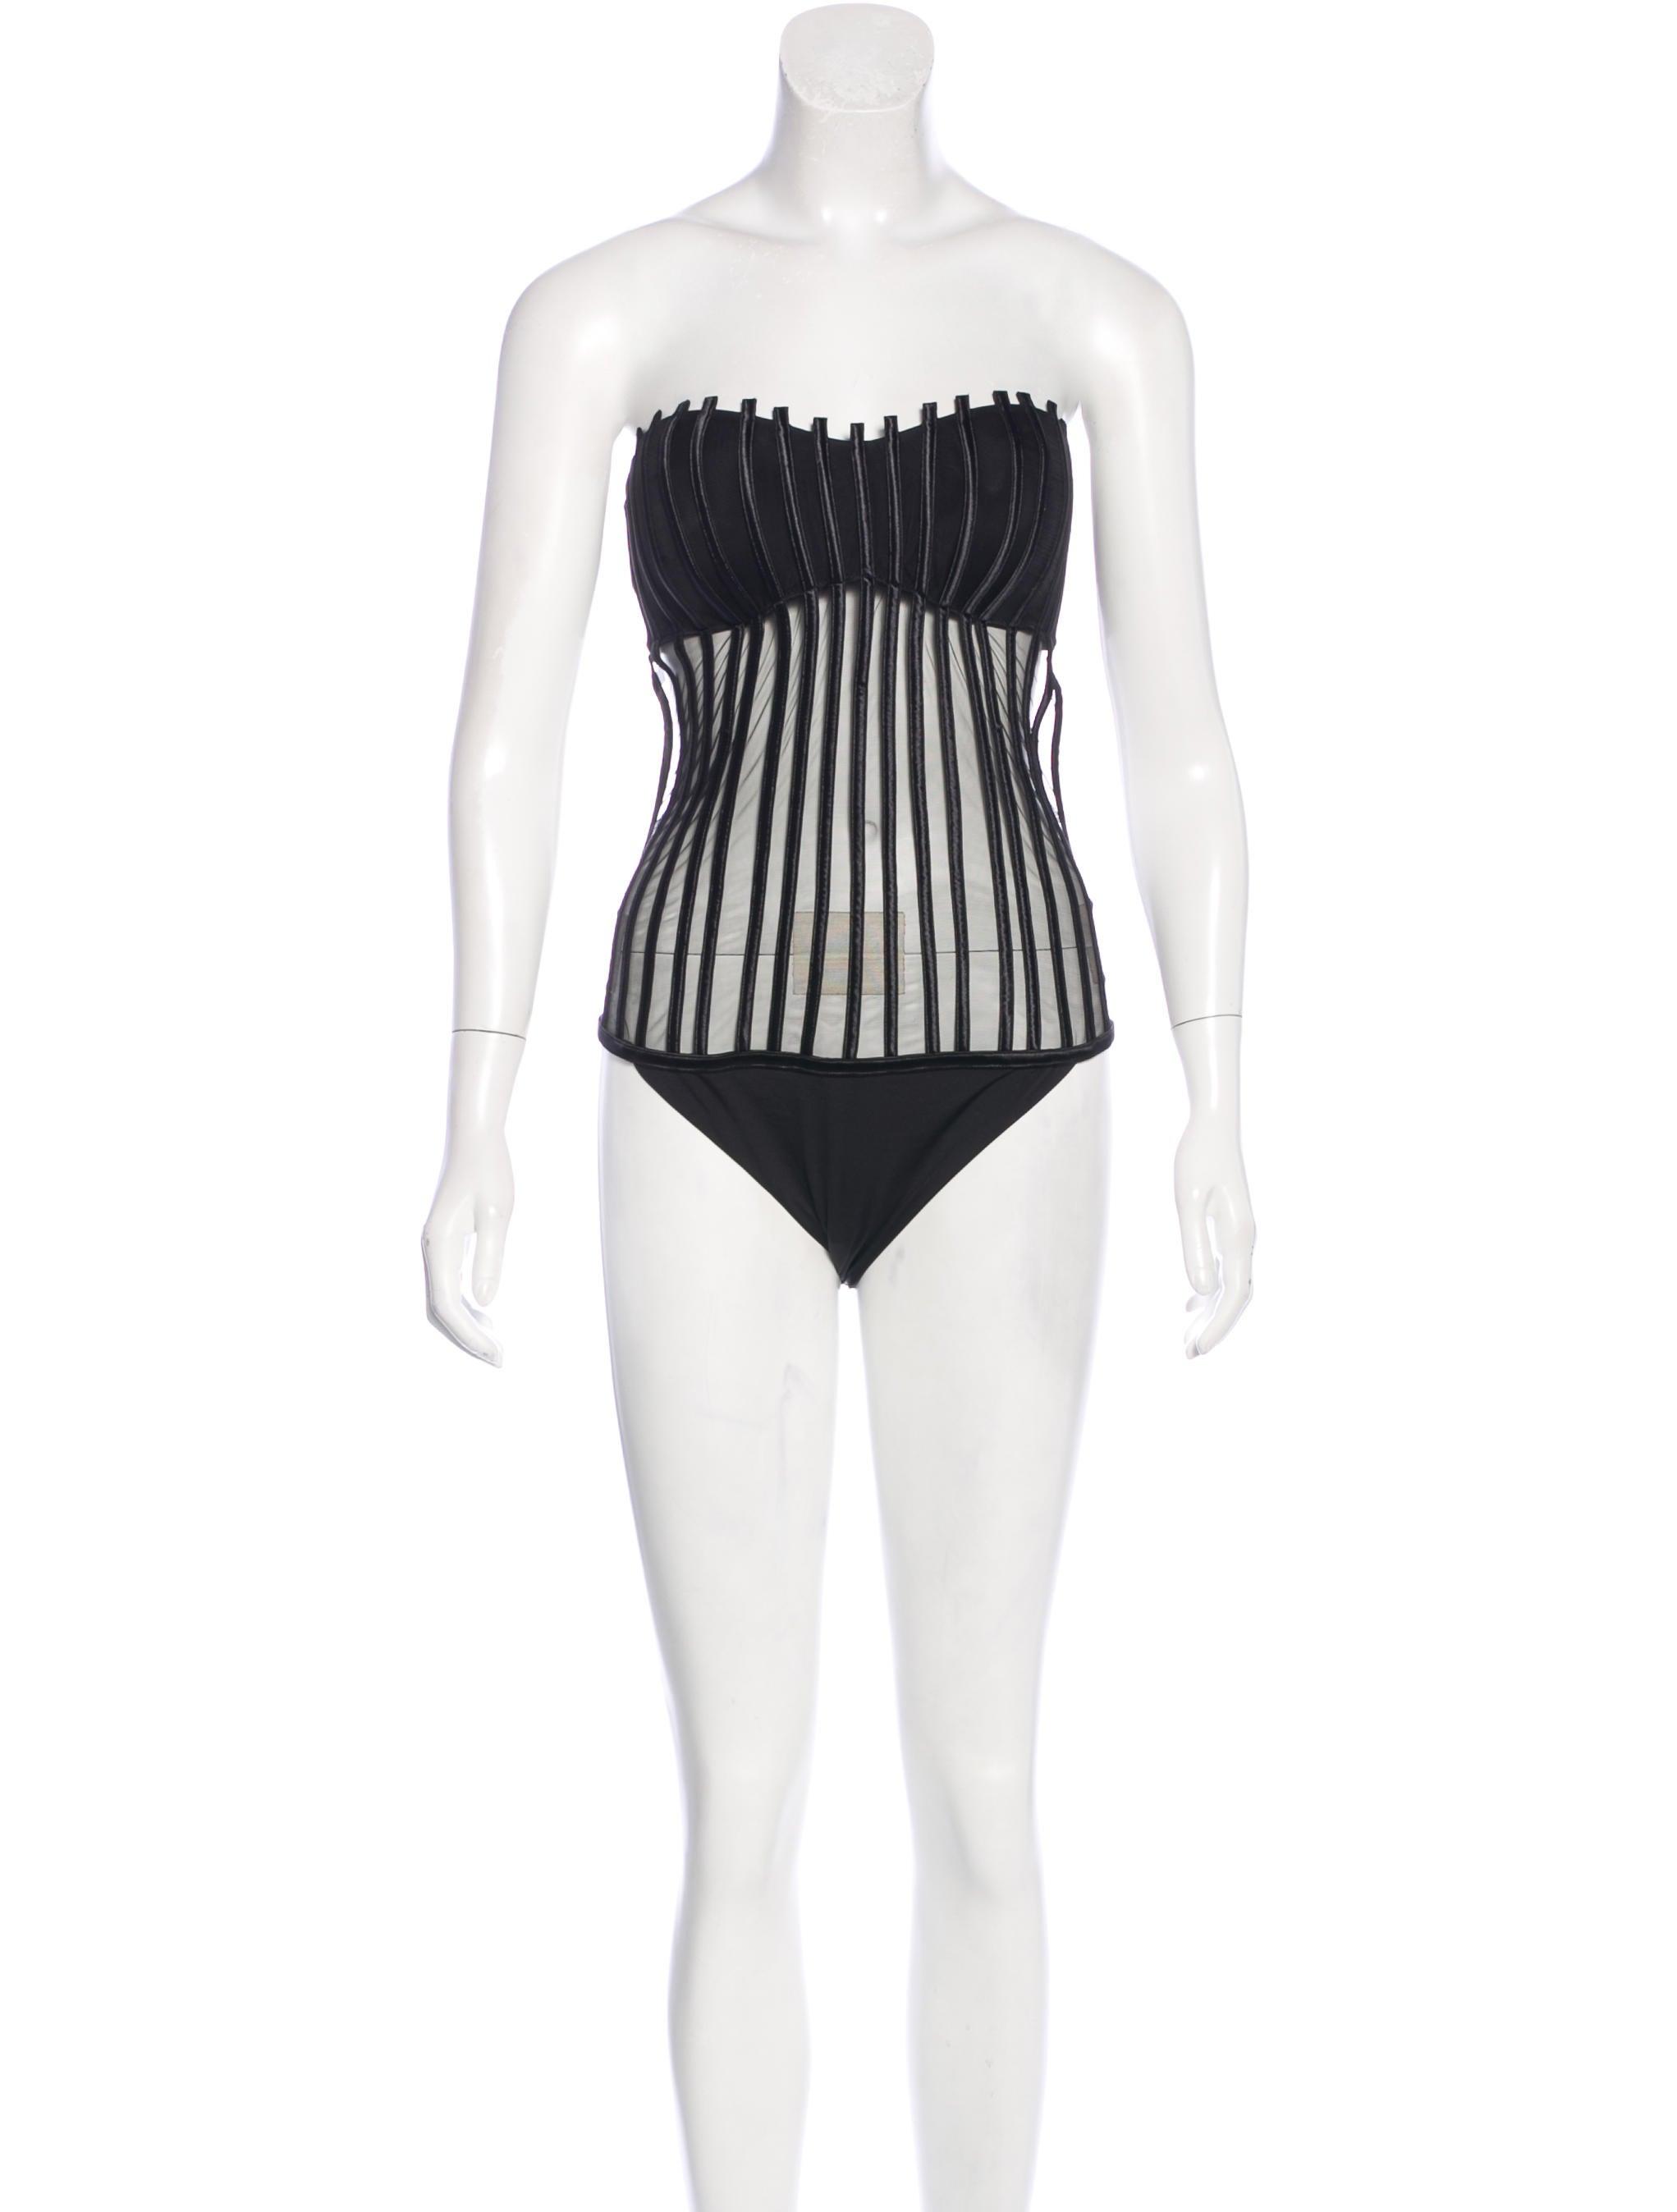 1a400bfd5529e La Perla Graphique Couture Swimsuit w/ Tags - Clothing - LAP20942 ...